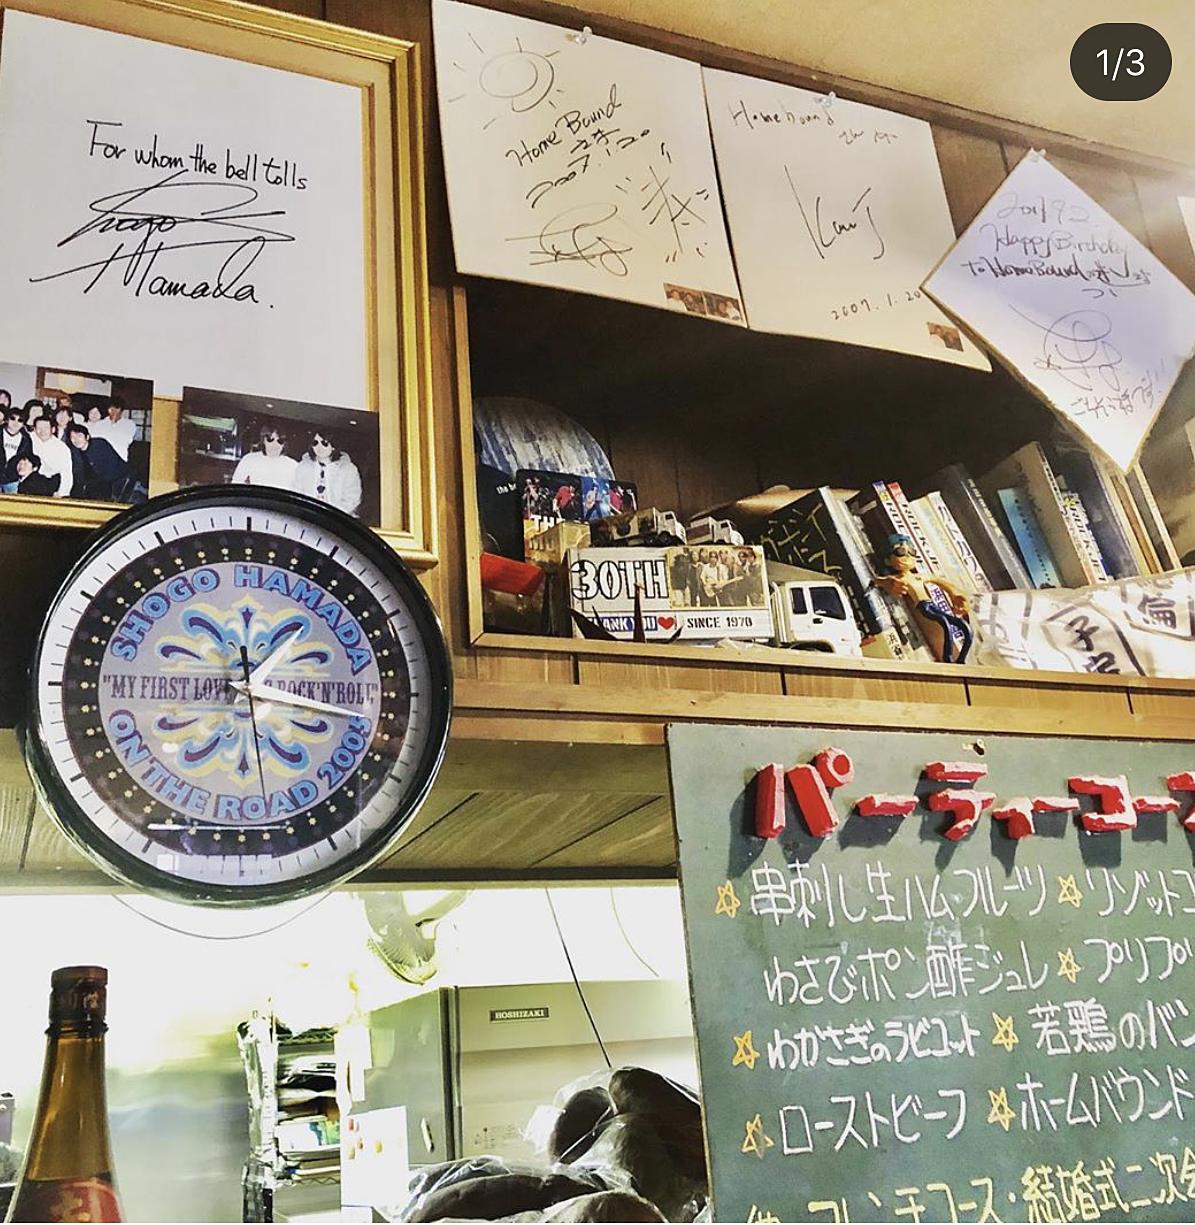 店内にある浜田省吾さんのサインや写真です。